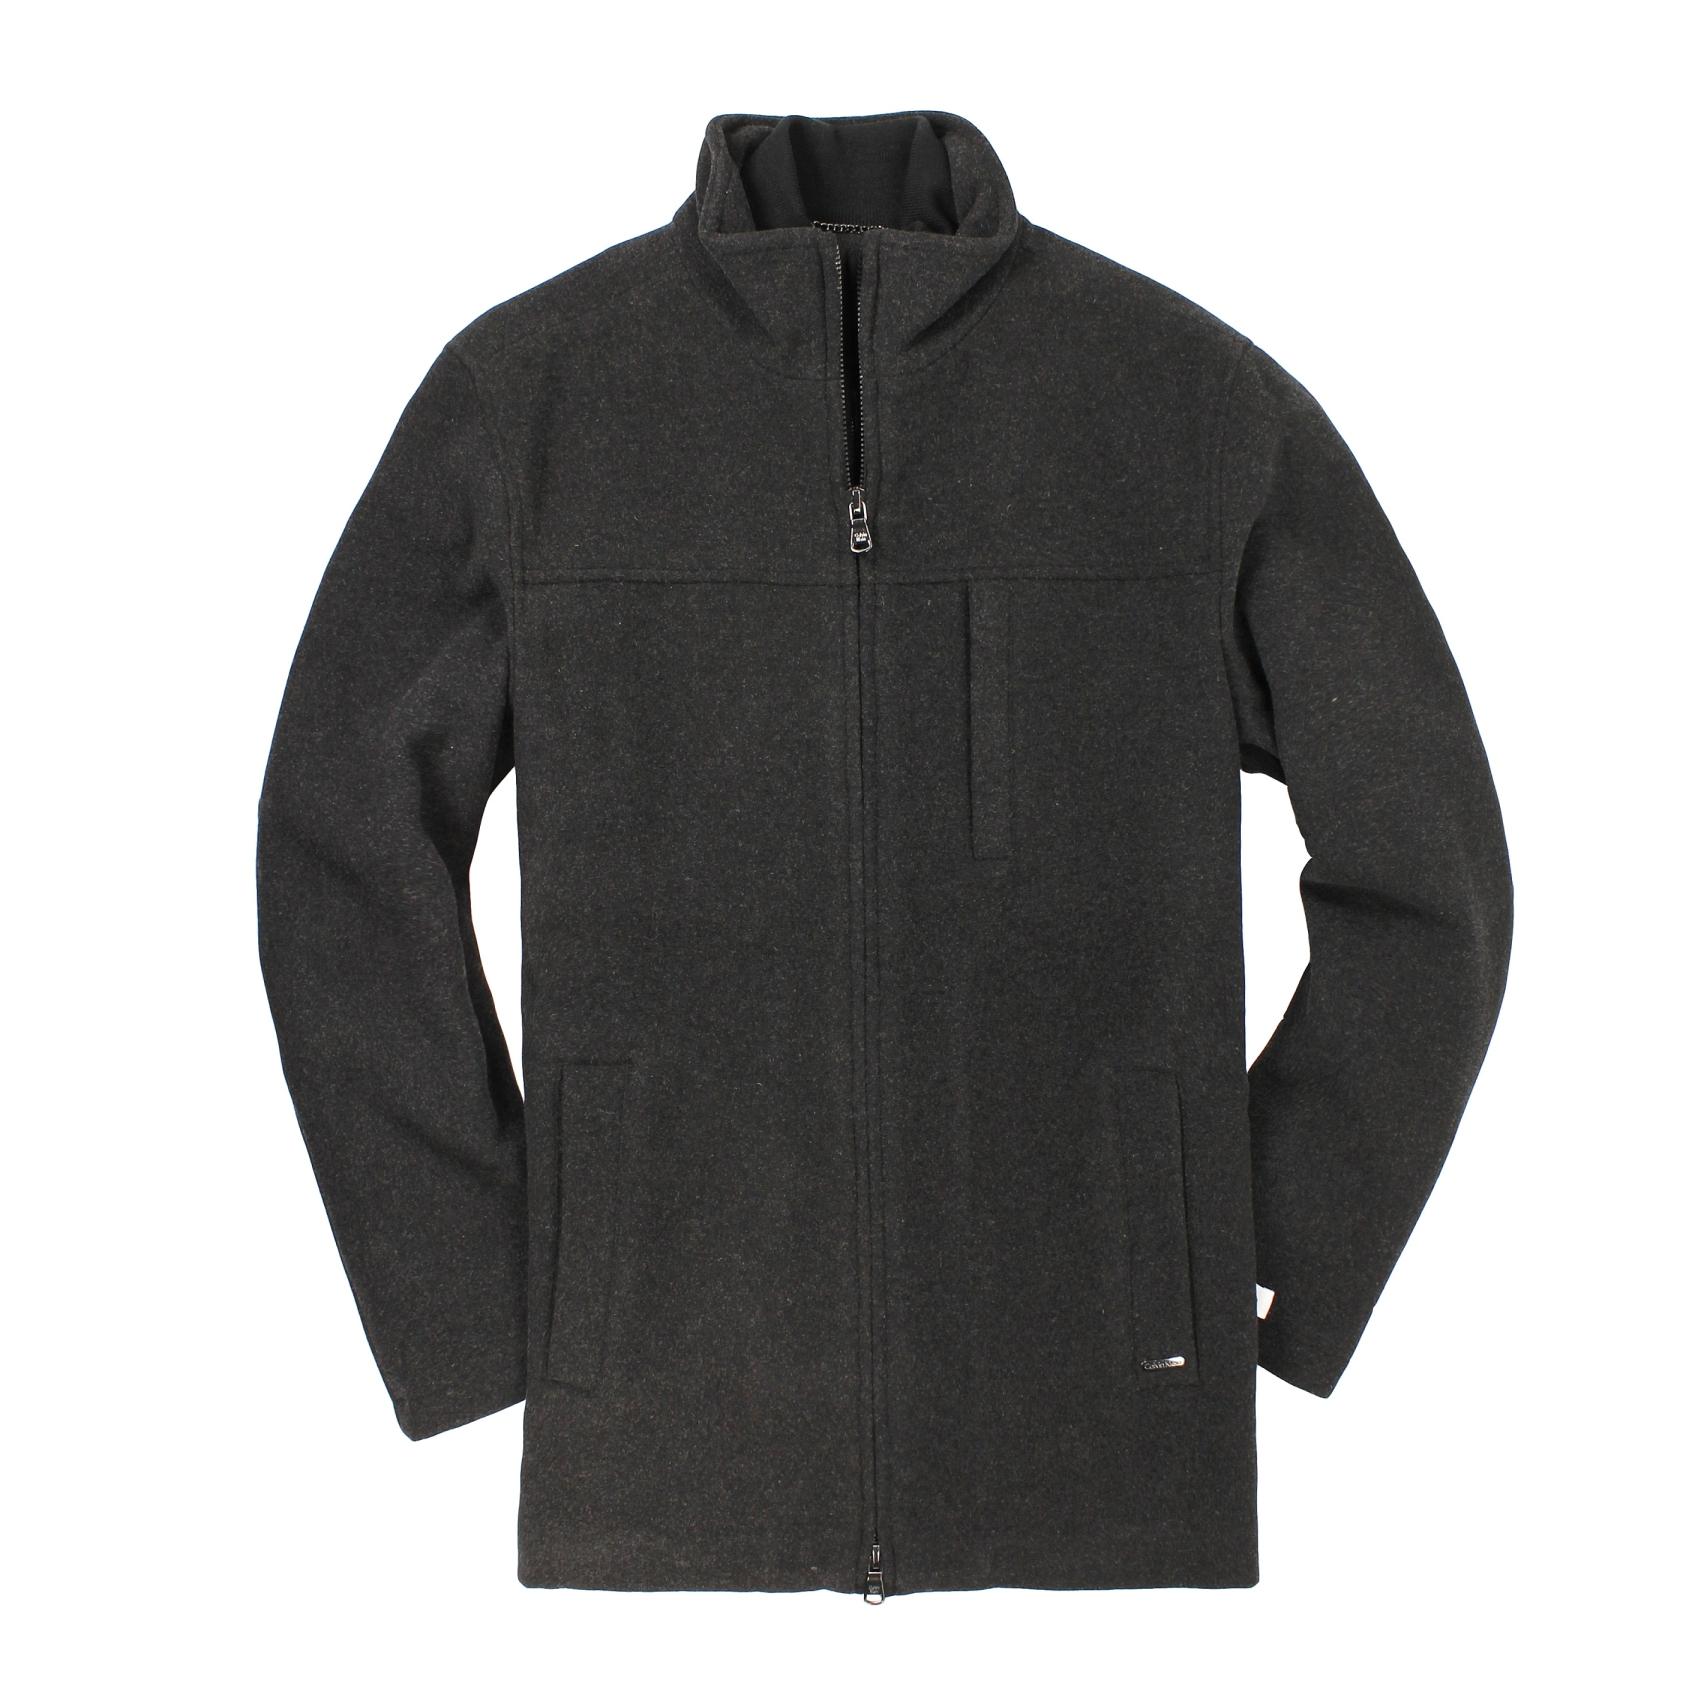 美國百分百【全新真品】Calvin Klein 外套 CK 大衣 毛呢外套 黑 鋪棉 羊毛 厚 雅痞 男 S號 B912